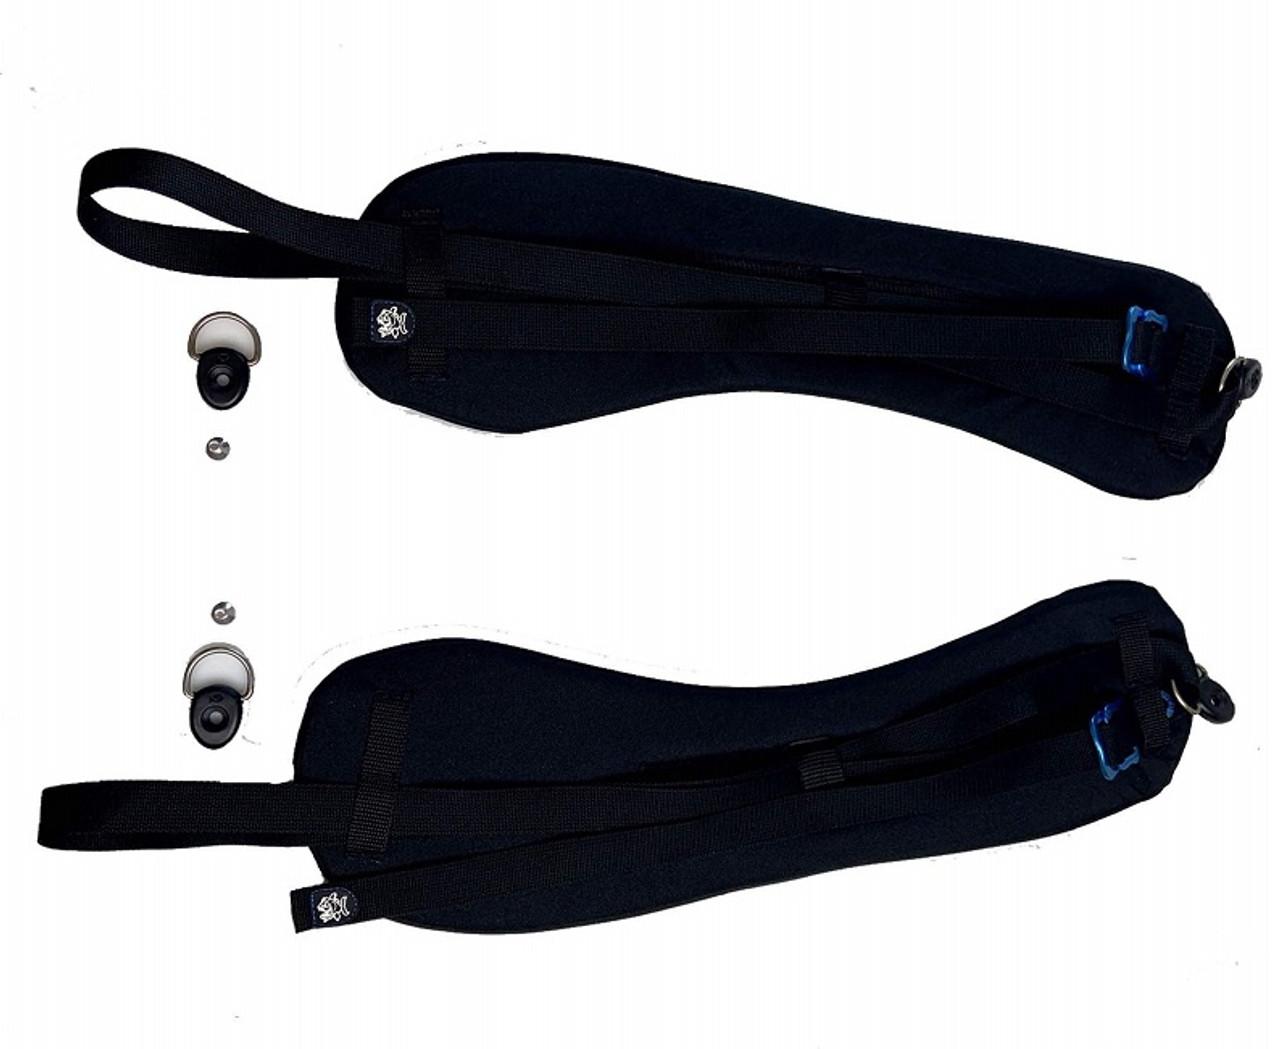 Pyranha Surfjet Kayak Thigh Straps